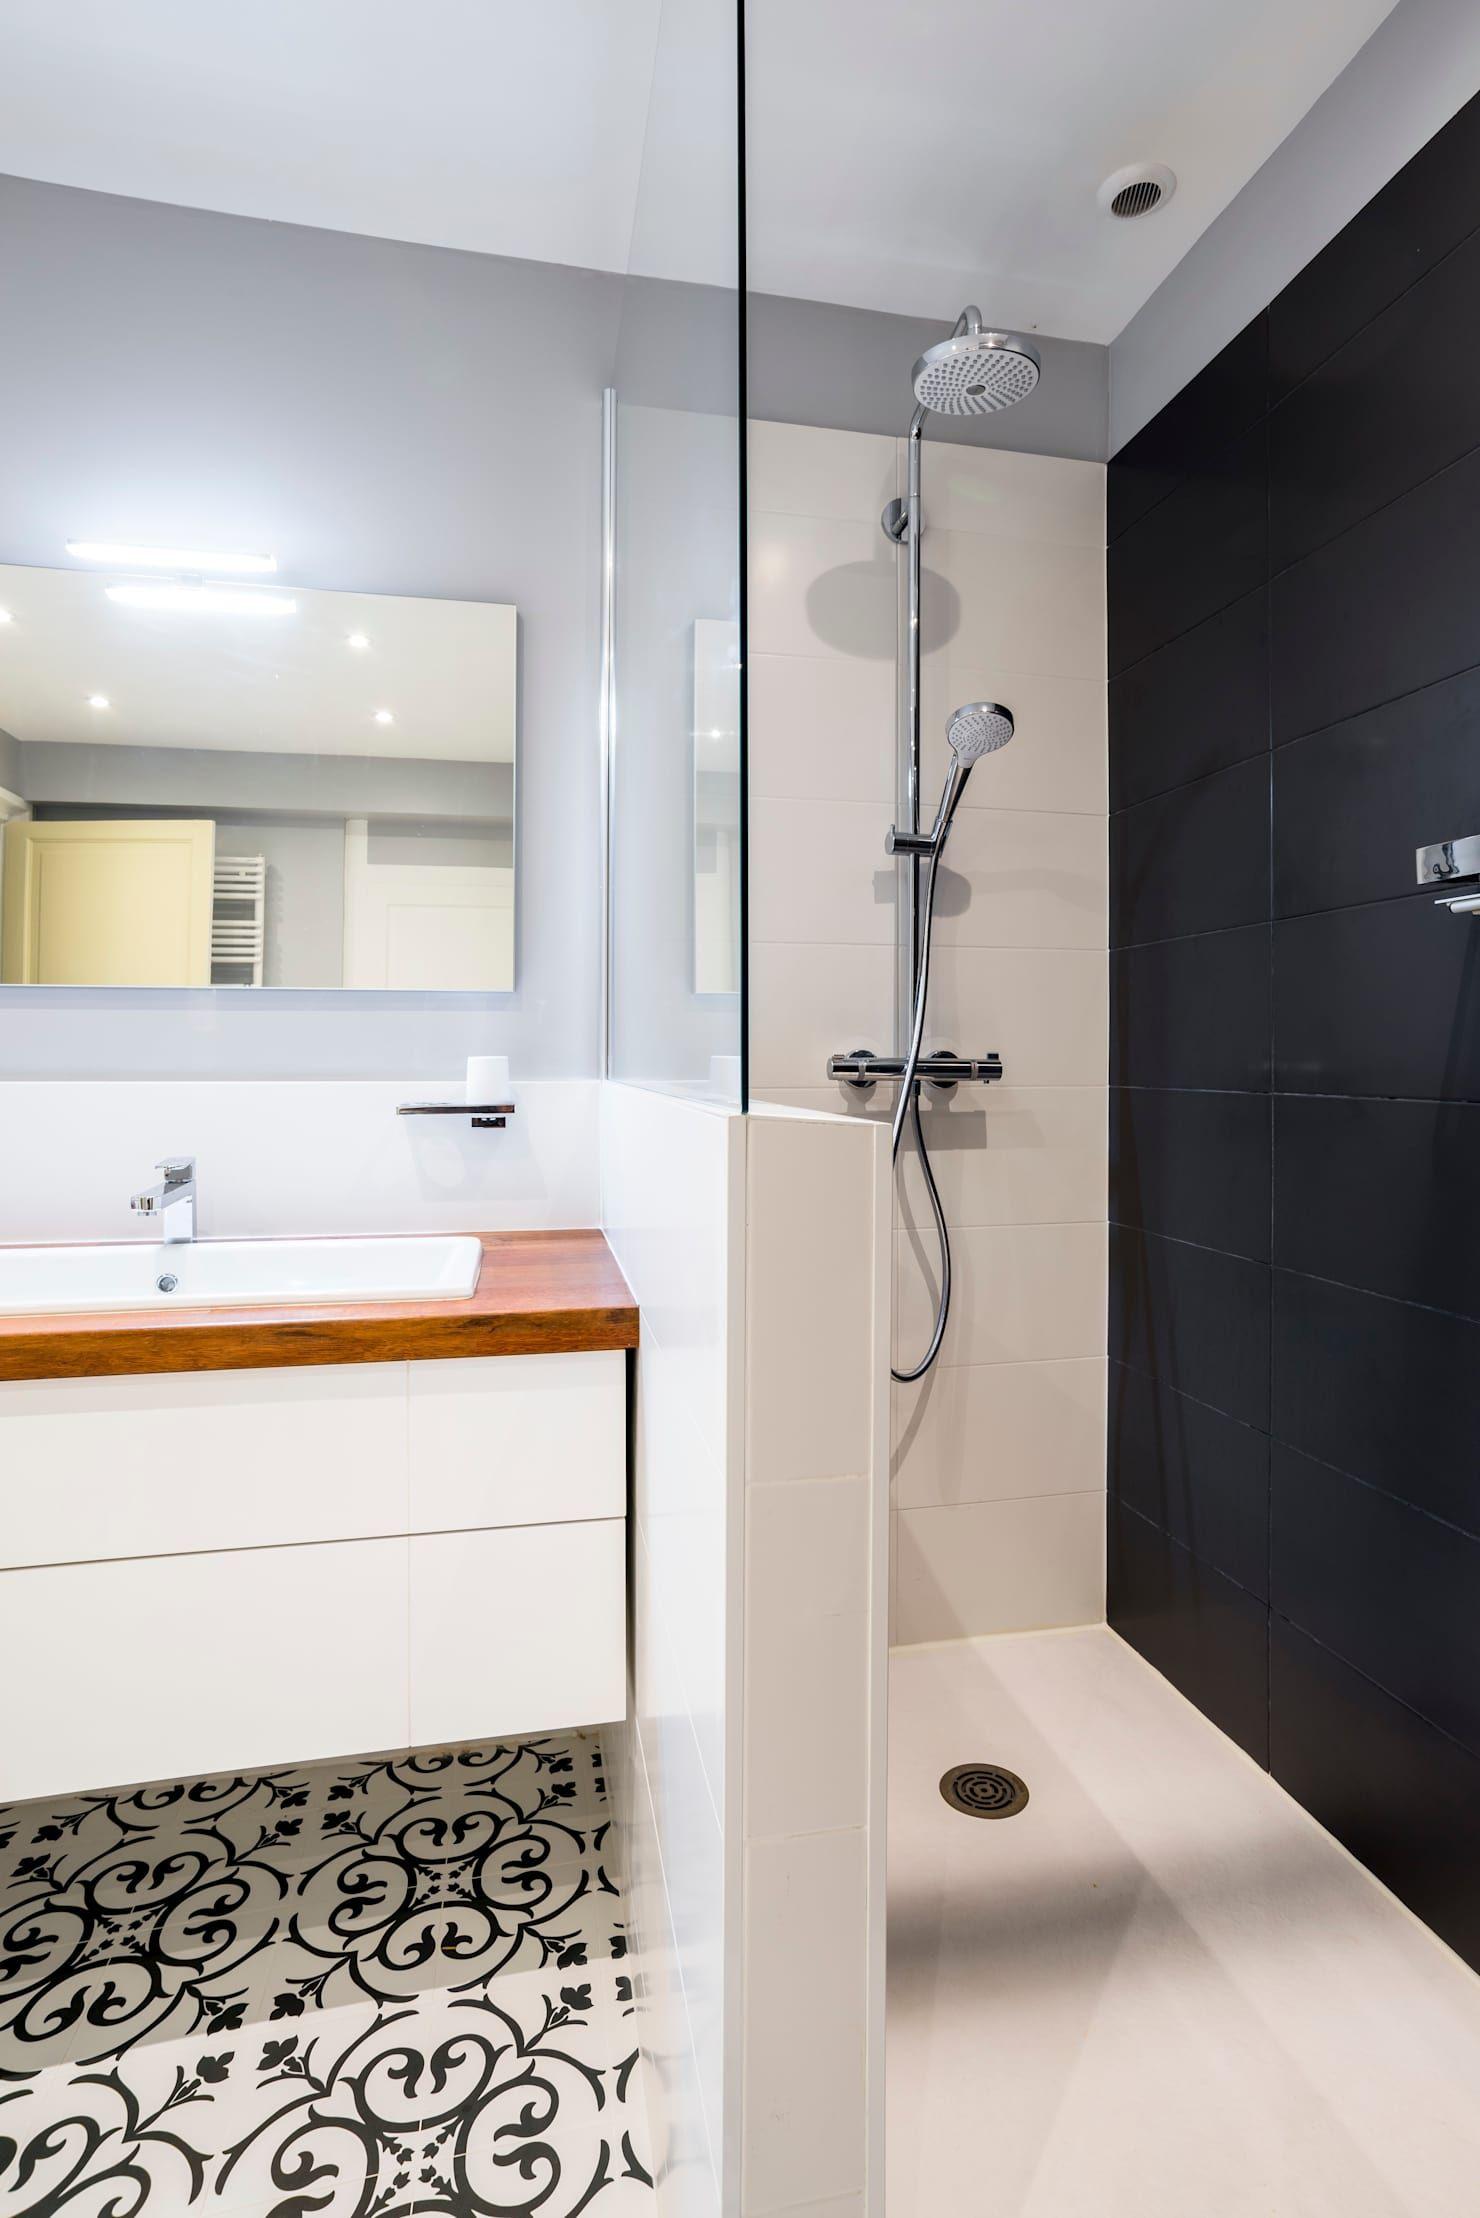 Conception d'une salle de bains salle de bain minimaliste par atelier idea minimaliste | homify